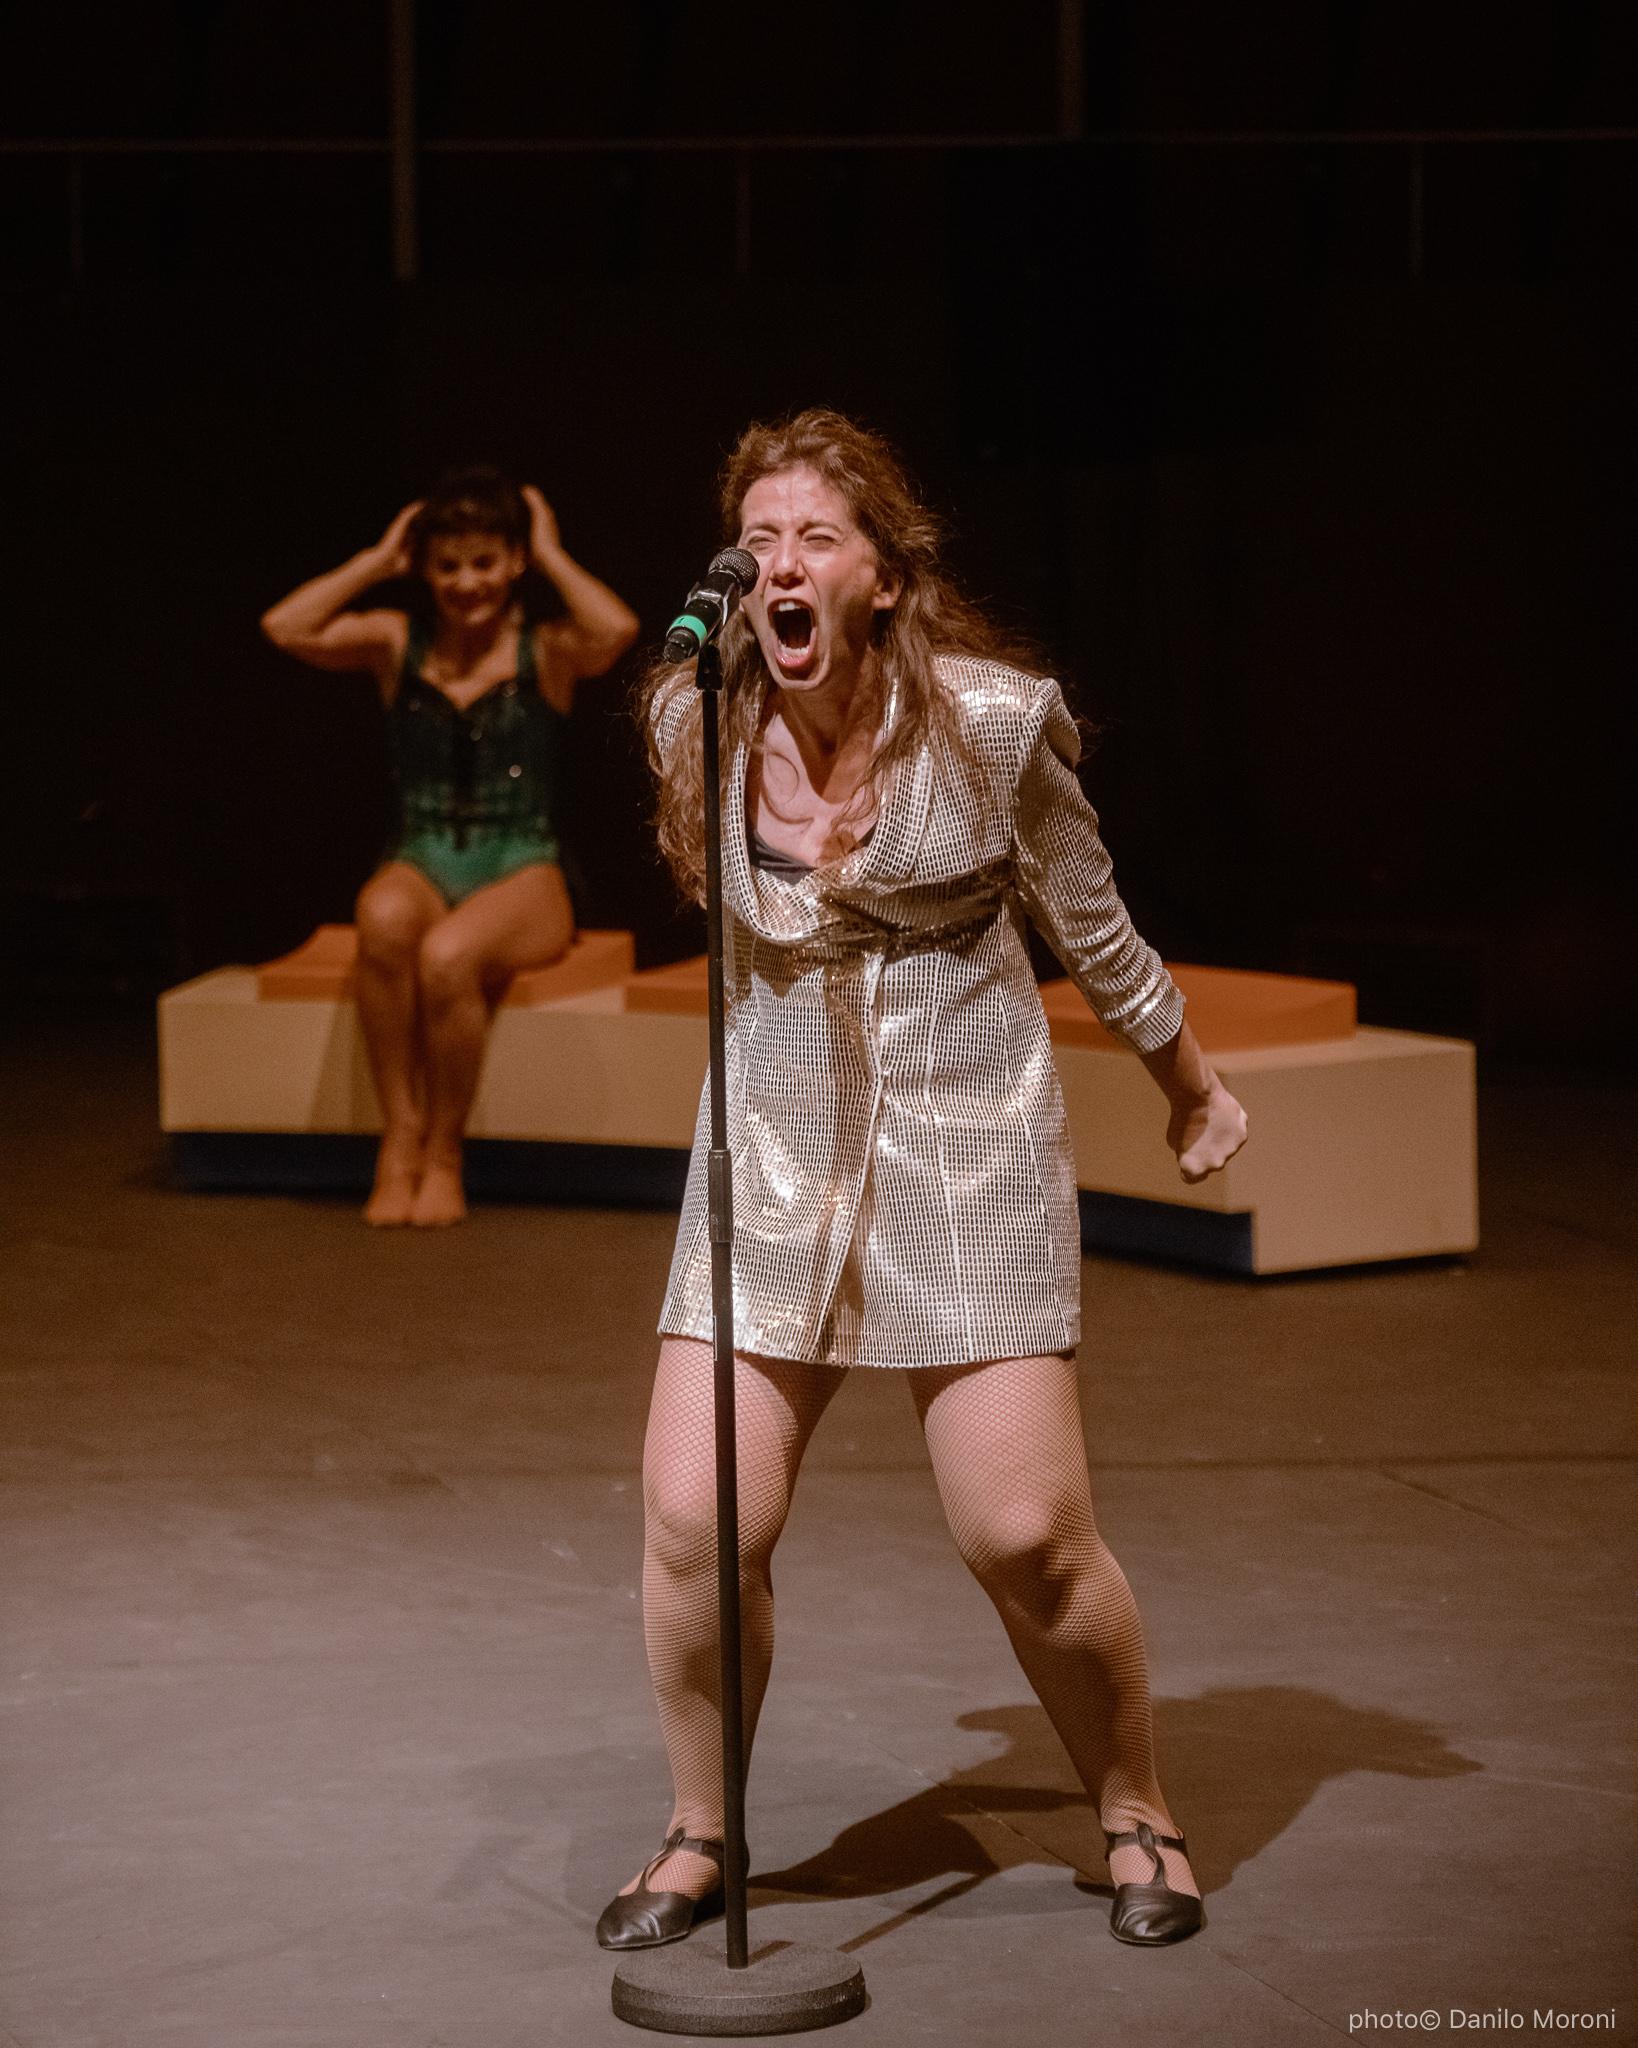 Teatro-en-vilo-Circo-Price-Miss-Mara-photo-Danilo-Moroni-199.jpg